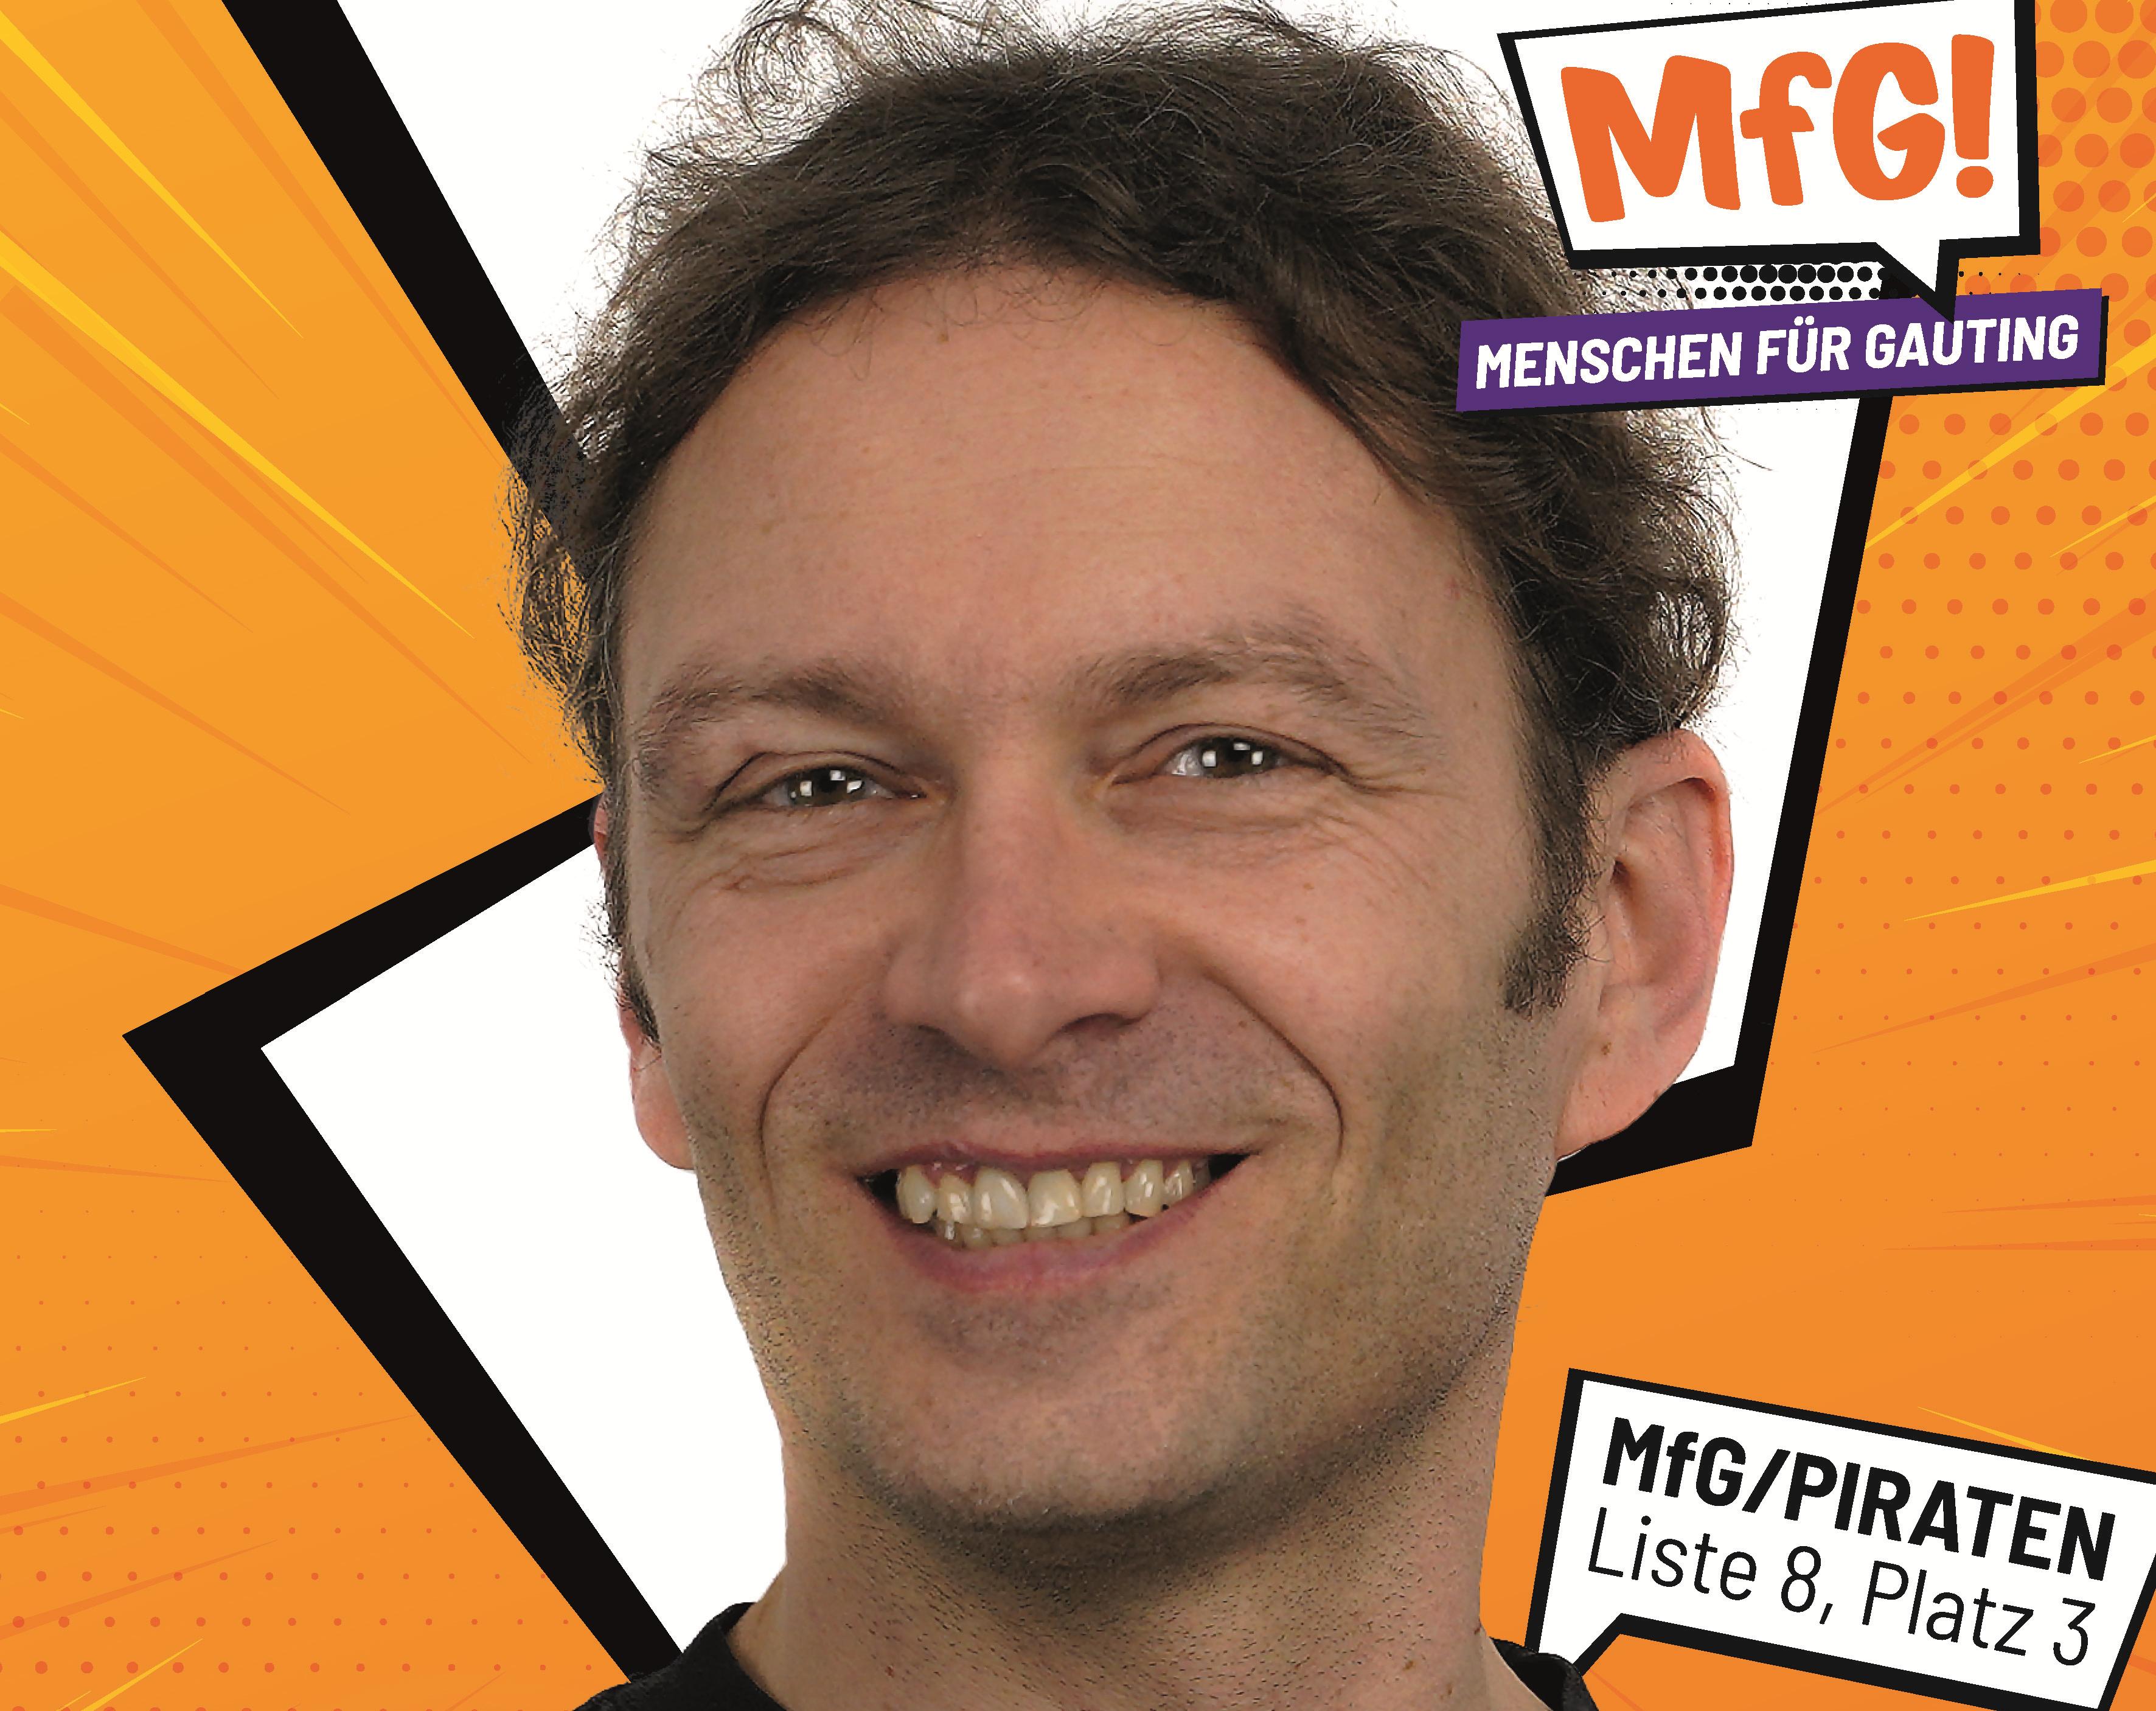 Erfolg für Piraten-Gemeinderat McFadden: Gauting will sich für Gewinnausschüttung der Kreissparkasse einsetzen